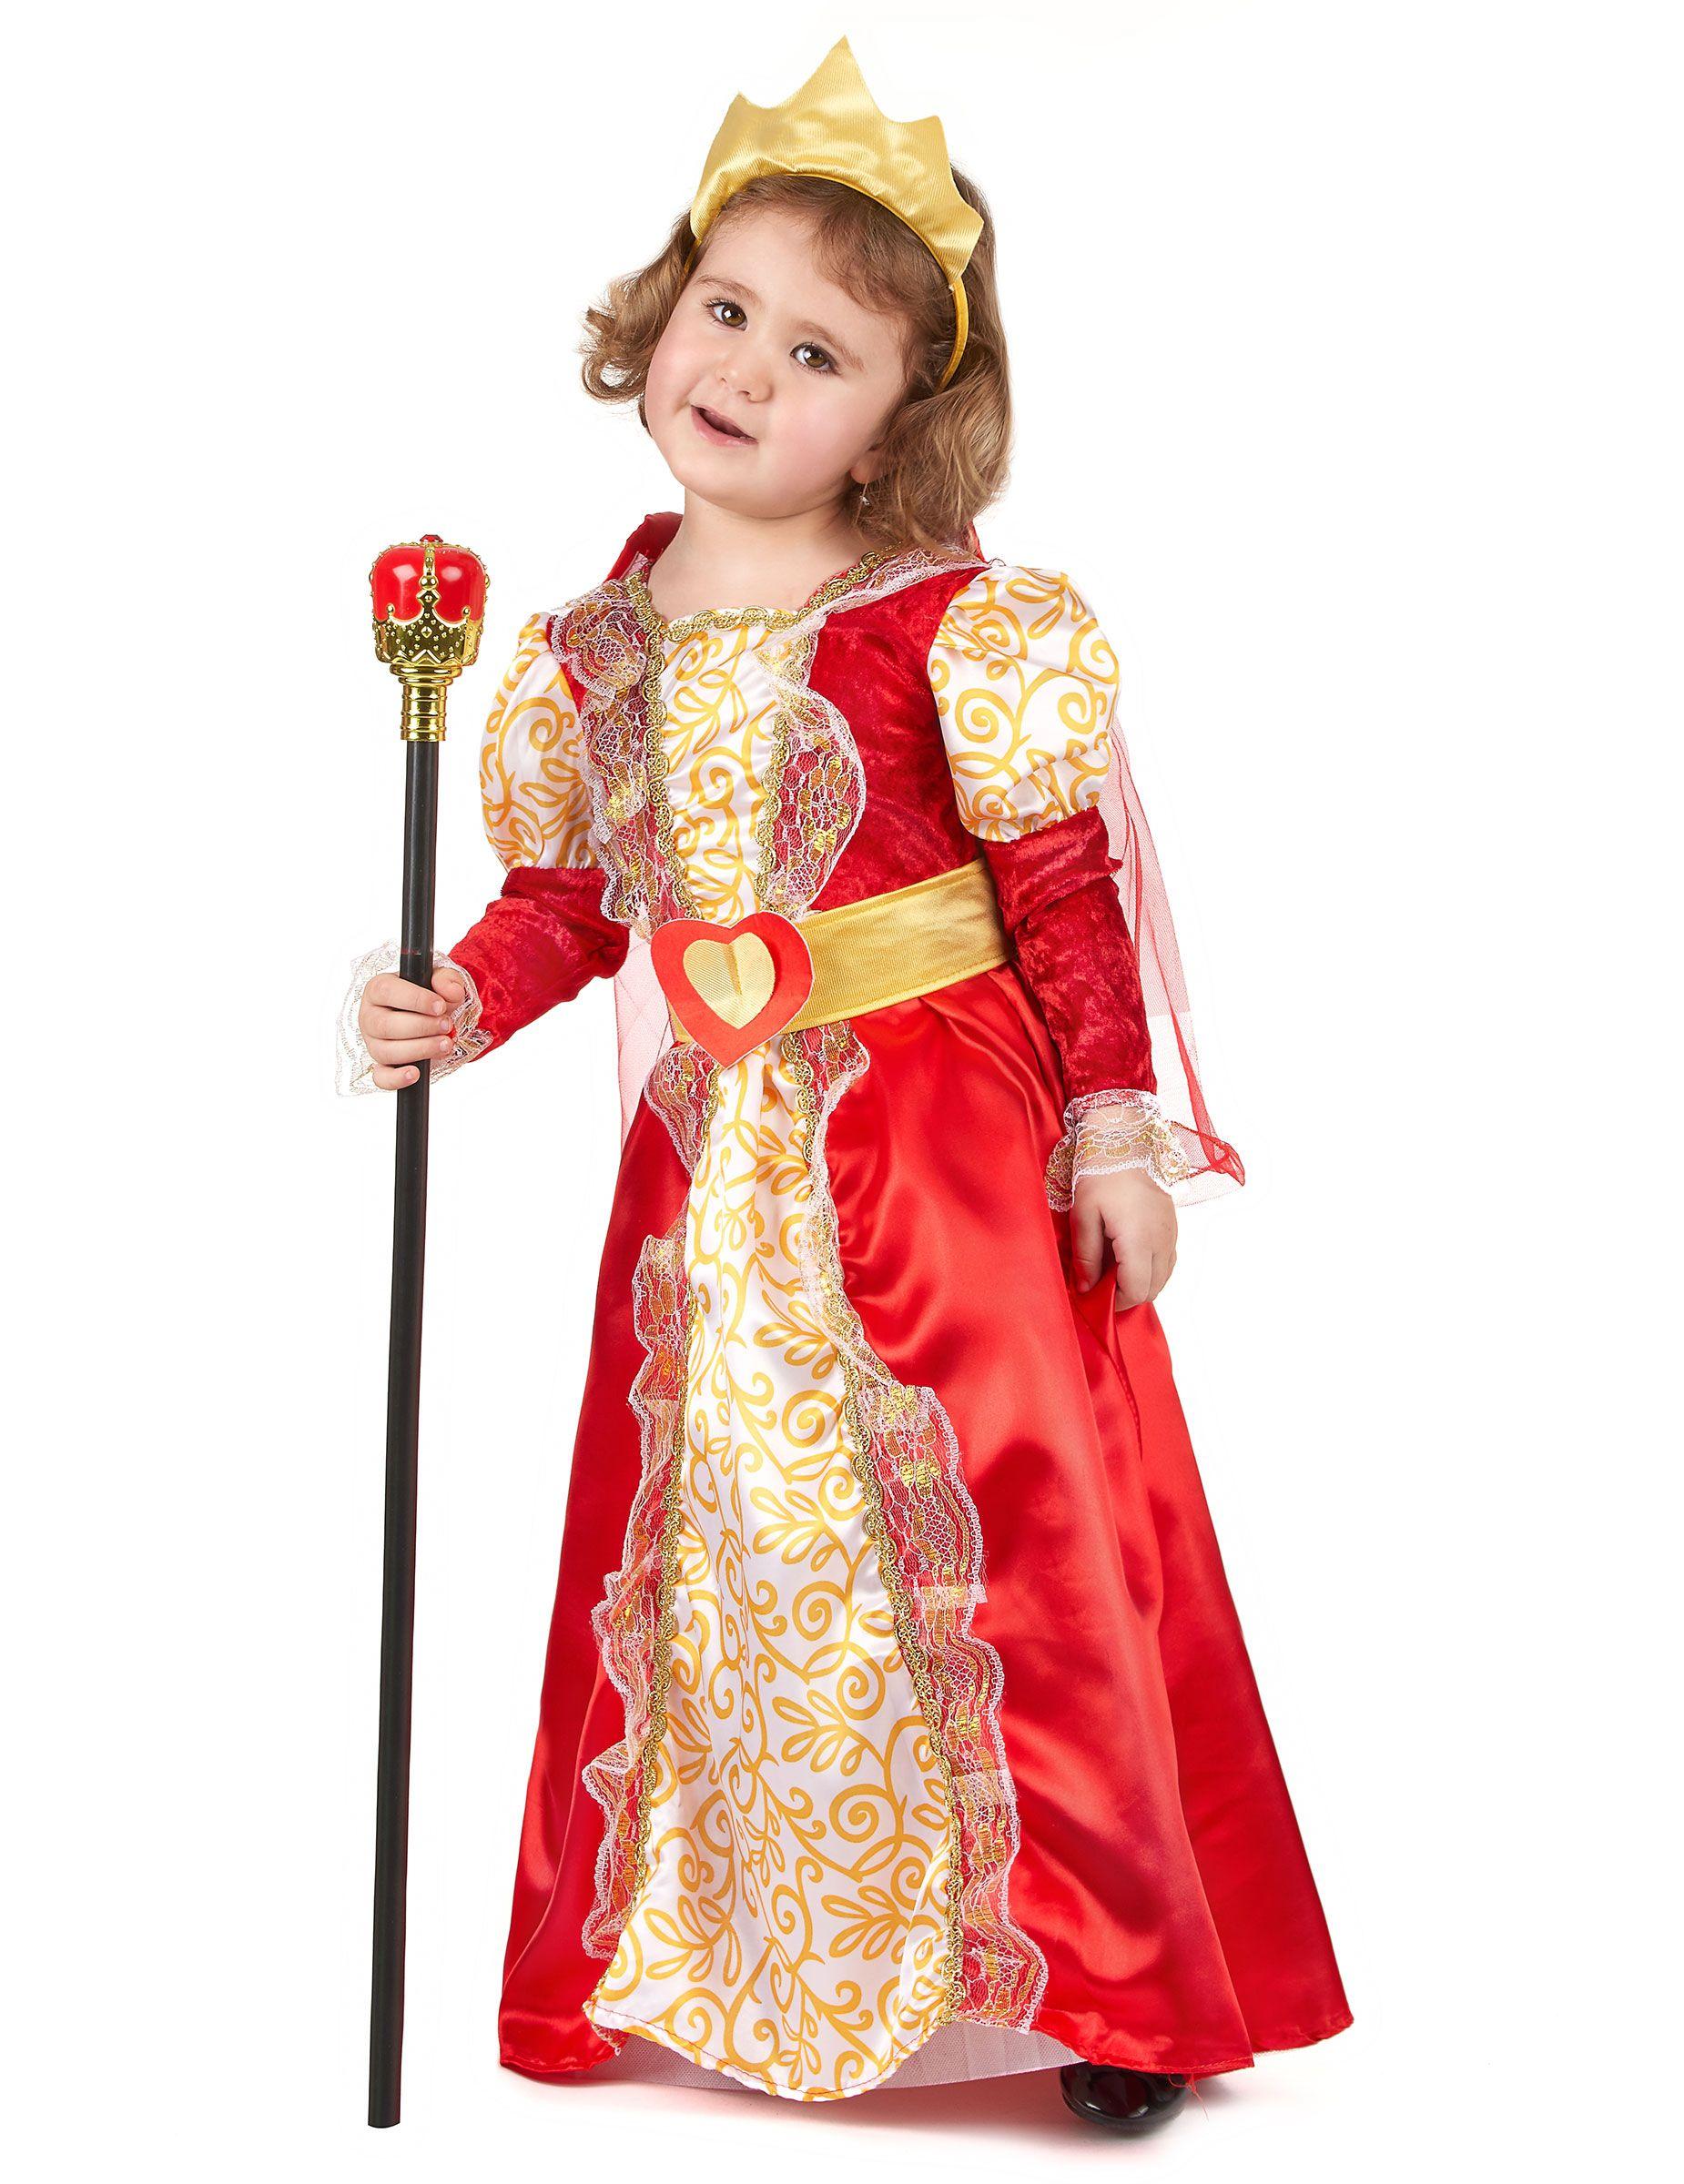 Disfraz de reina para niña  Este disfraz de reina para niña incluye vestido 6fc0fb289a99